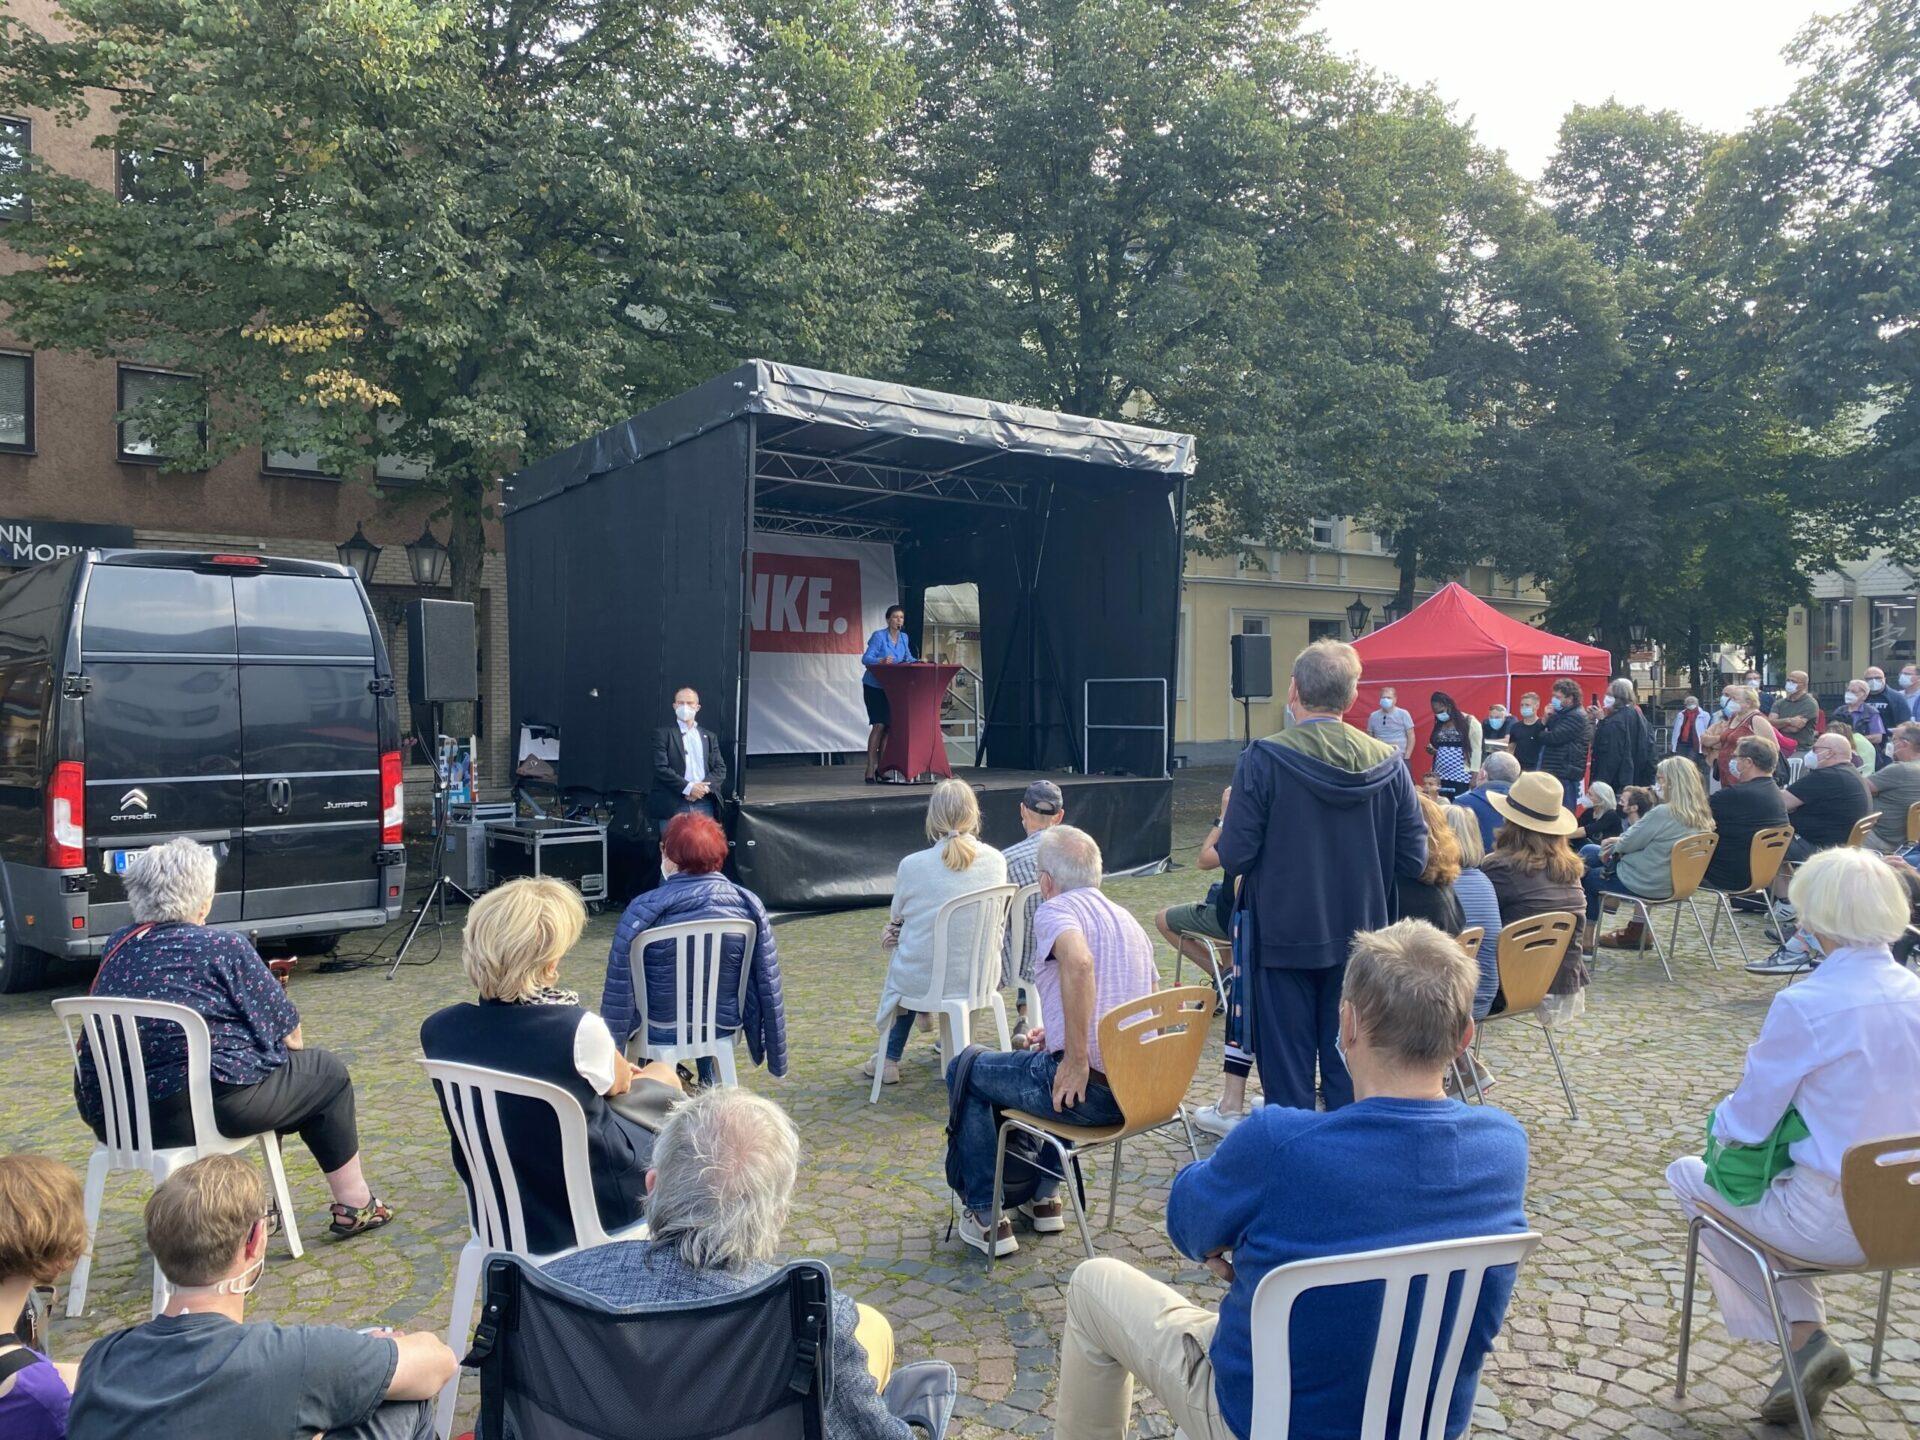 Sahra Wagenknecht besuchte auf ihrer Wahlkampftour den Schwerter Marktplatz